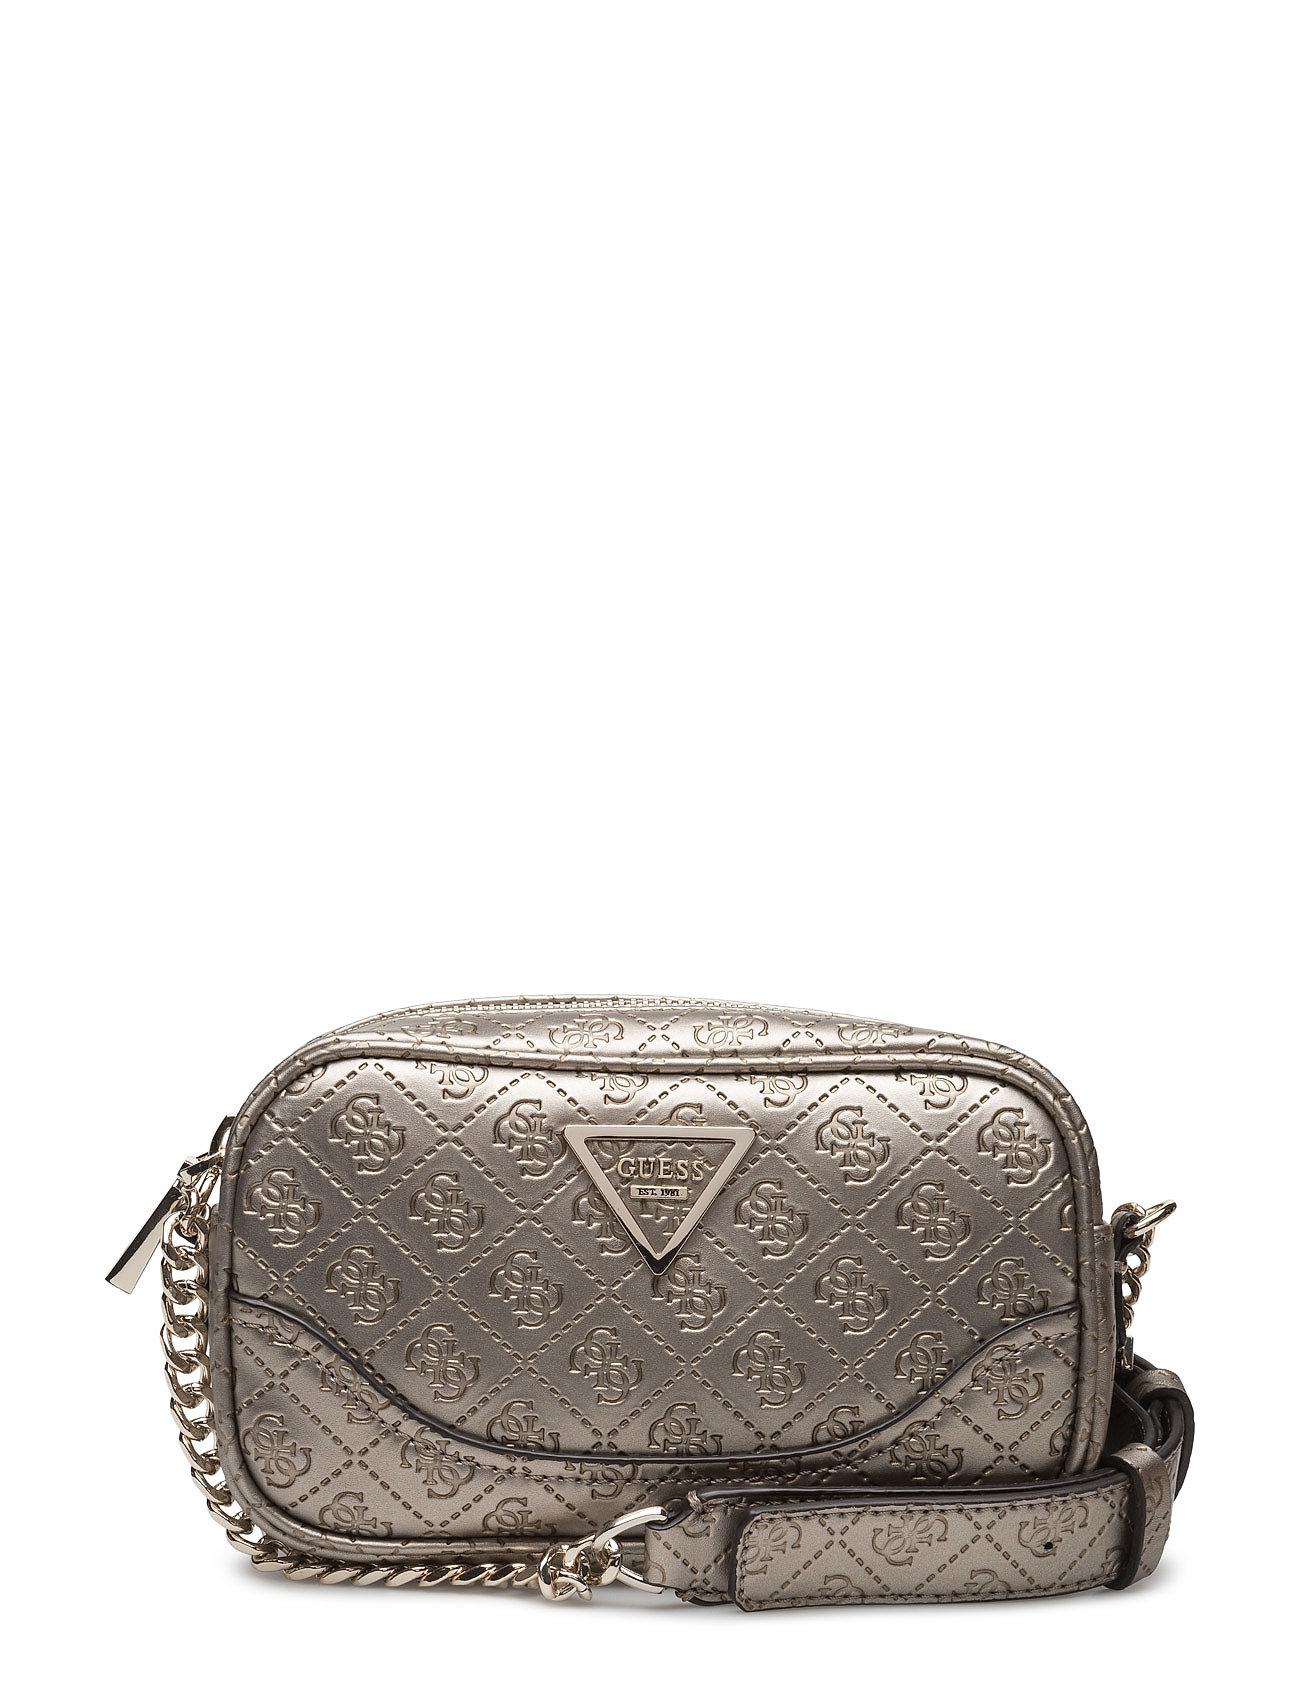 Daniella Mini Xbody Camera Bag GUESS Små tasker til Damer i Pewter